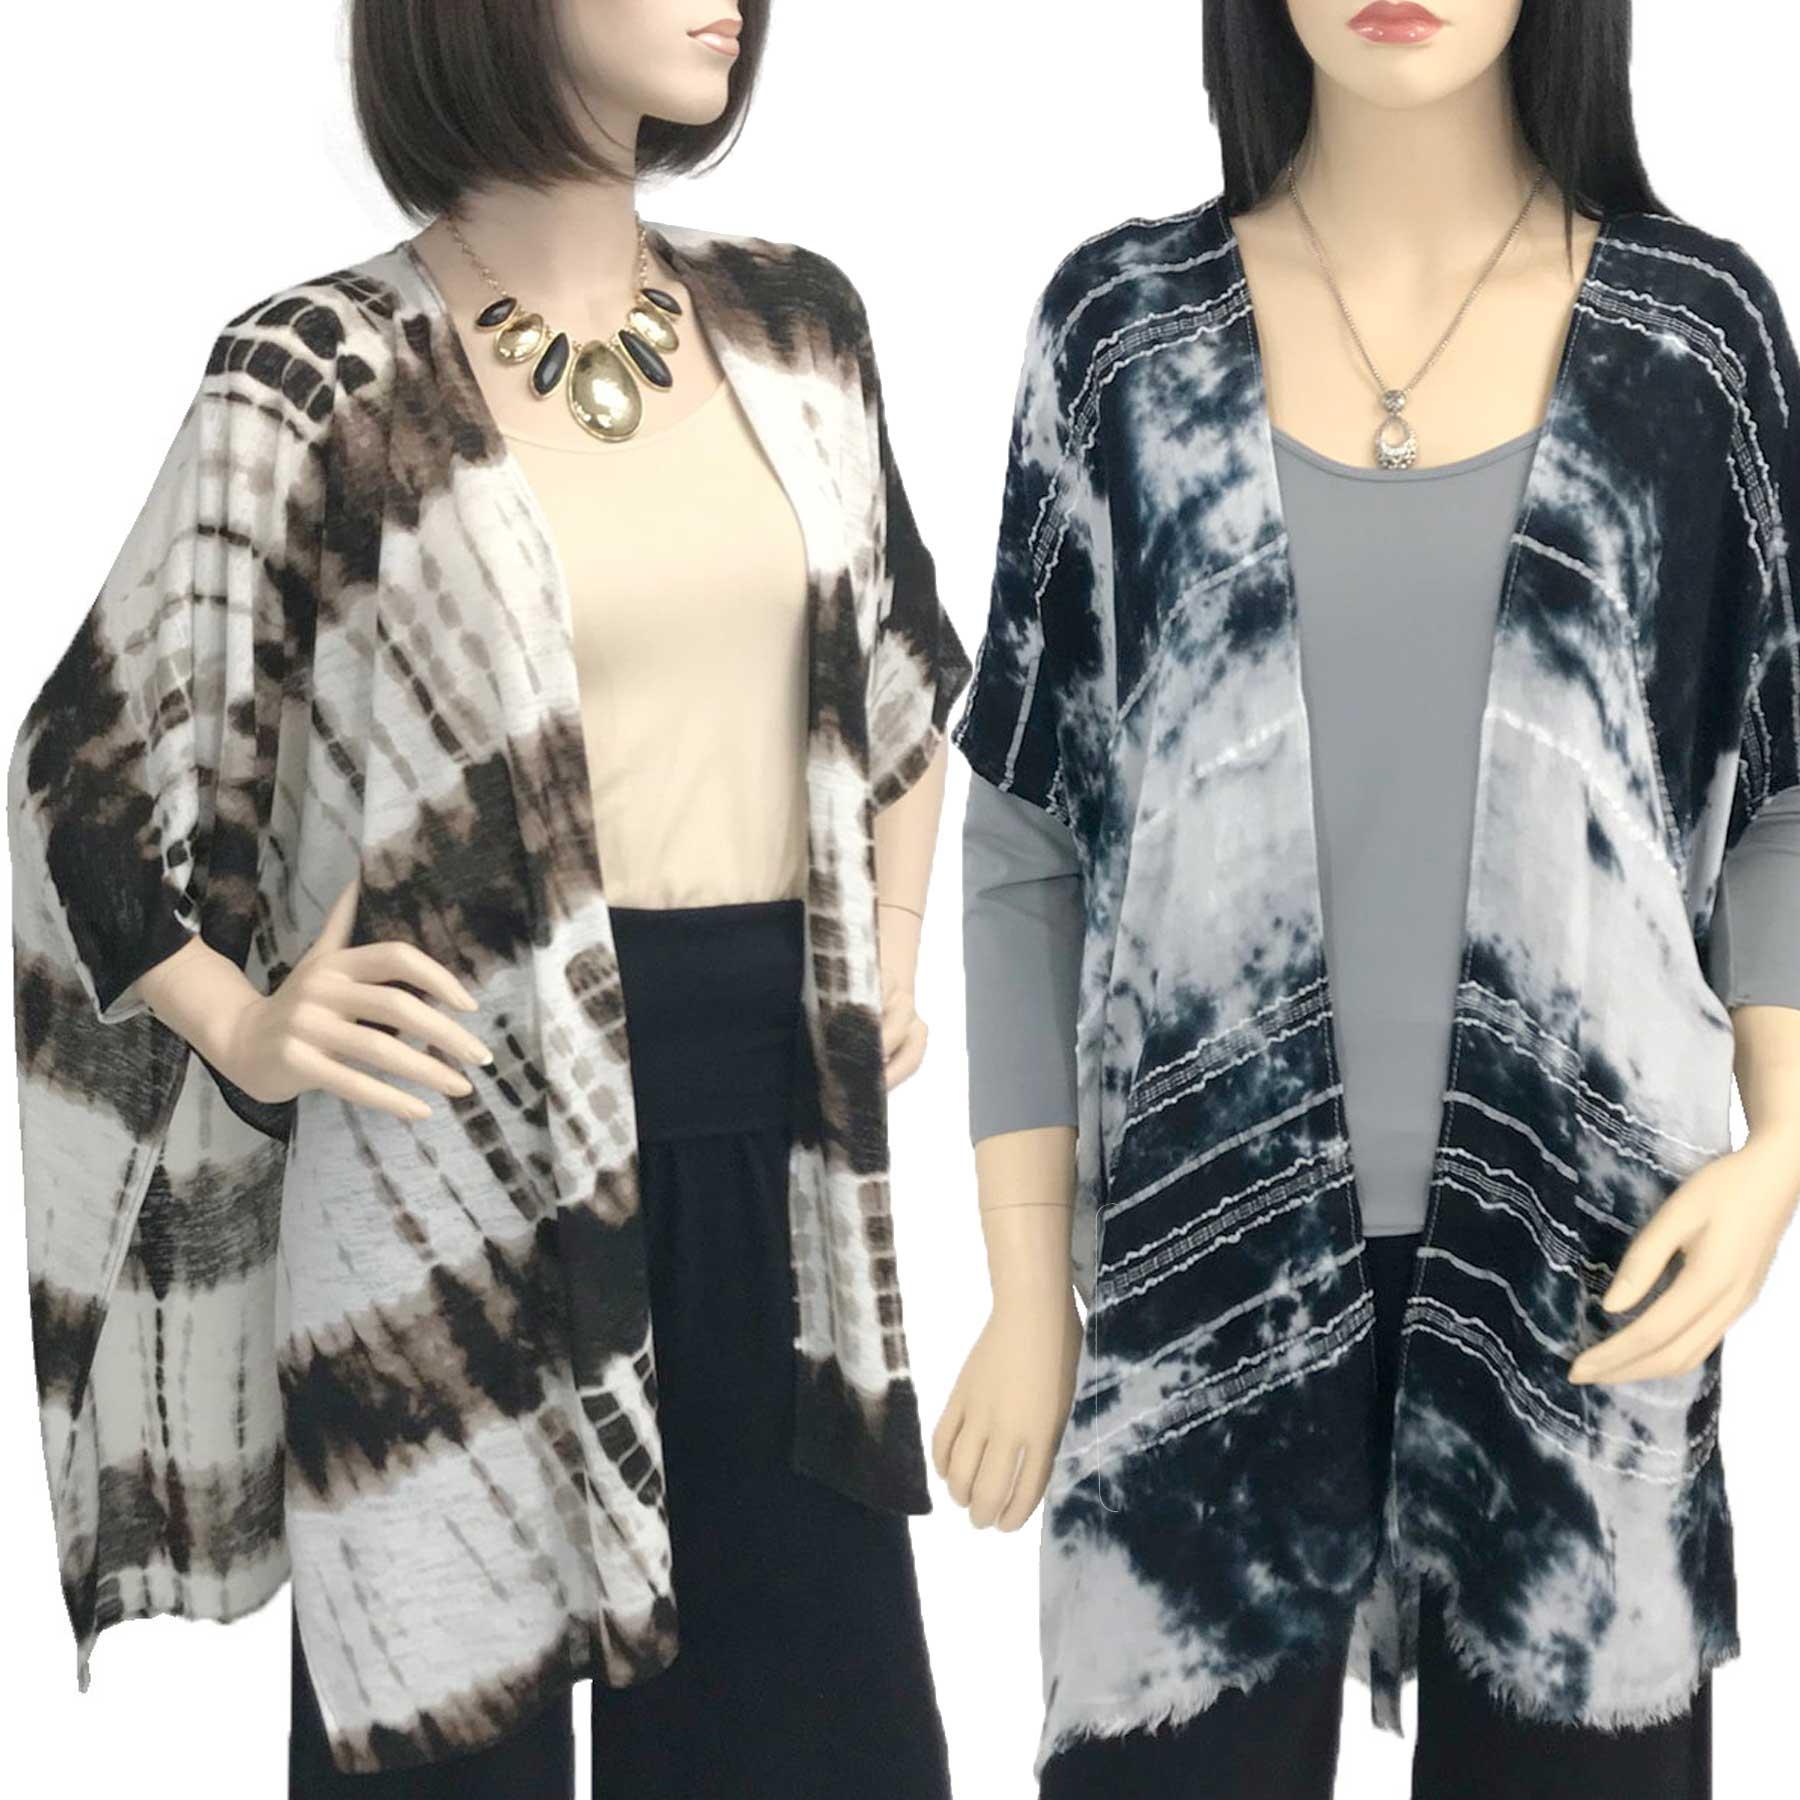 Kimono - Tie Dye Print 9610 & 9660